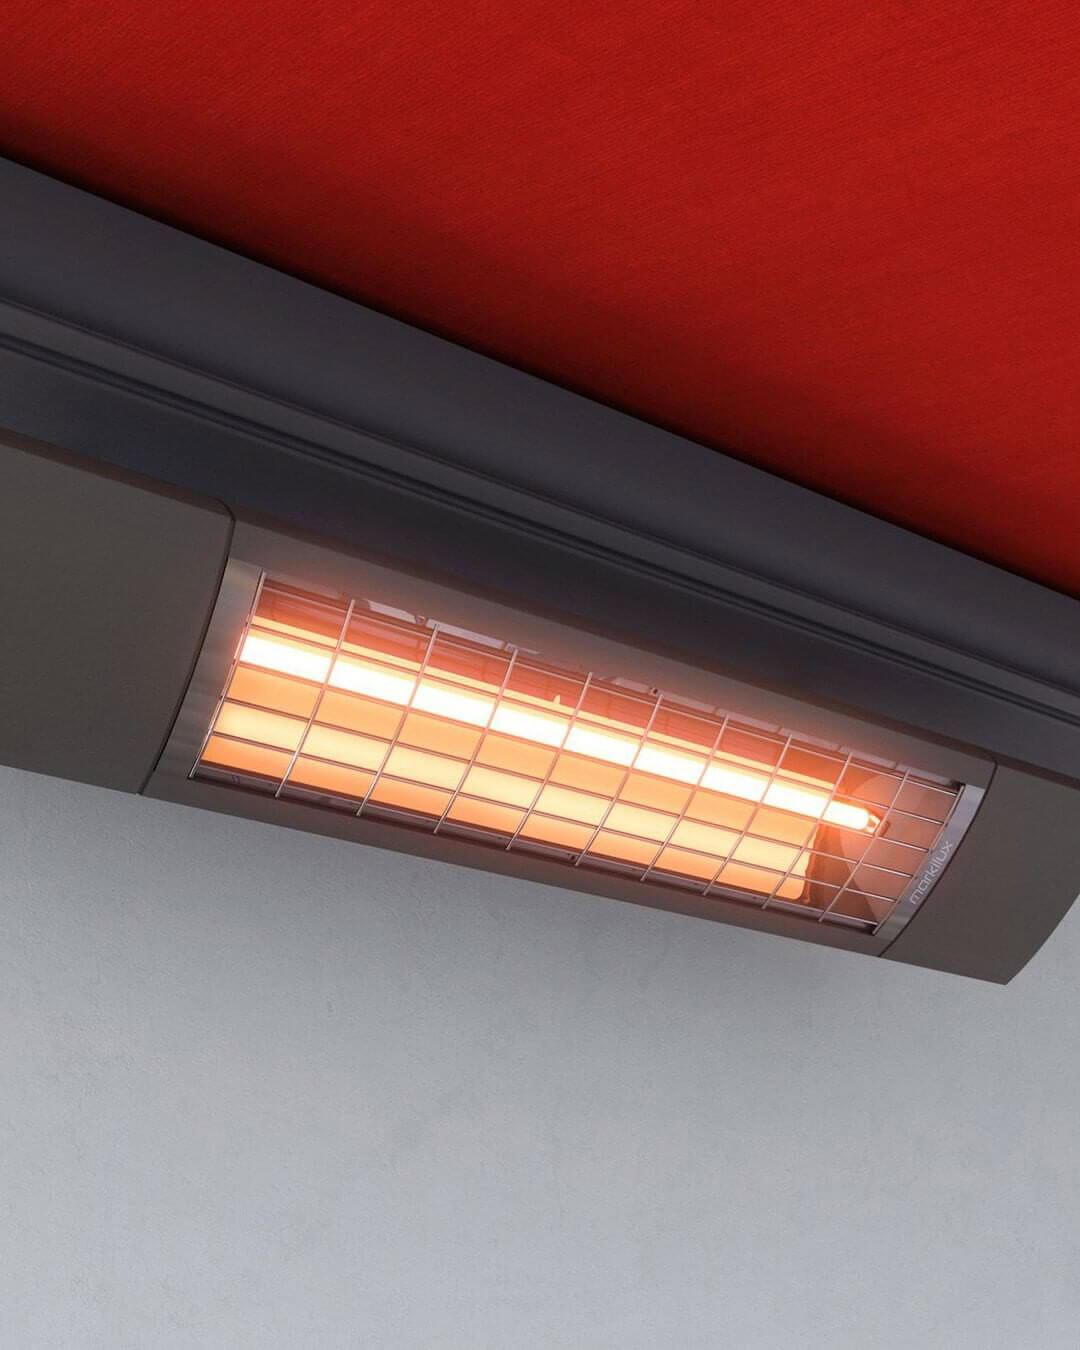 Обогреватель инфракрасный Алмак Ик-5, алюминиевый, под потолок, длина — 73 см, ширина — 16 см